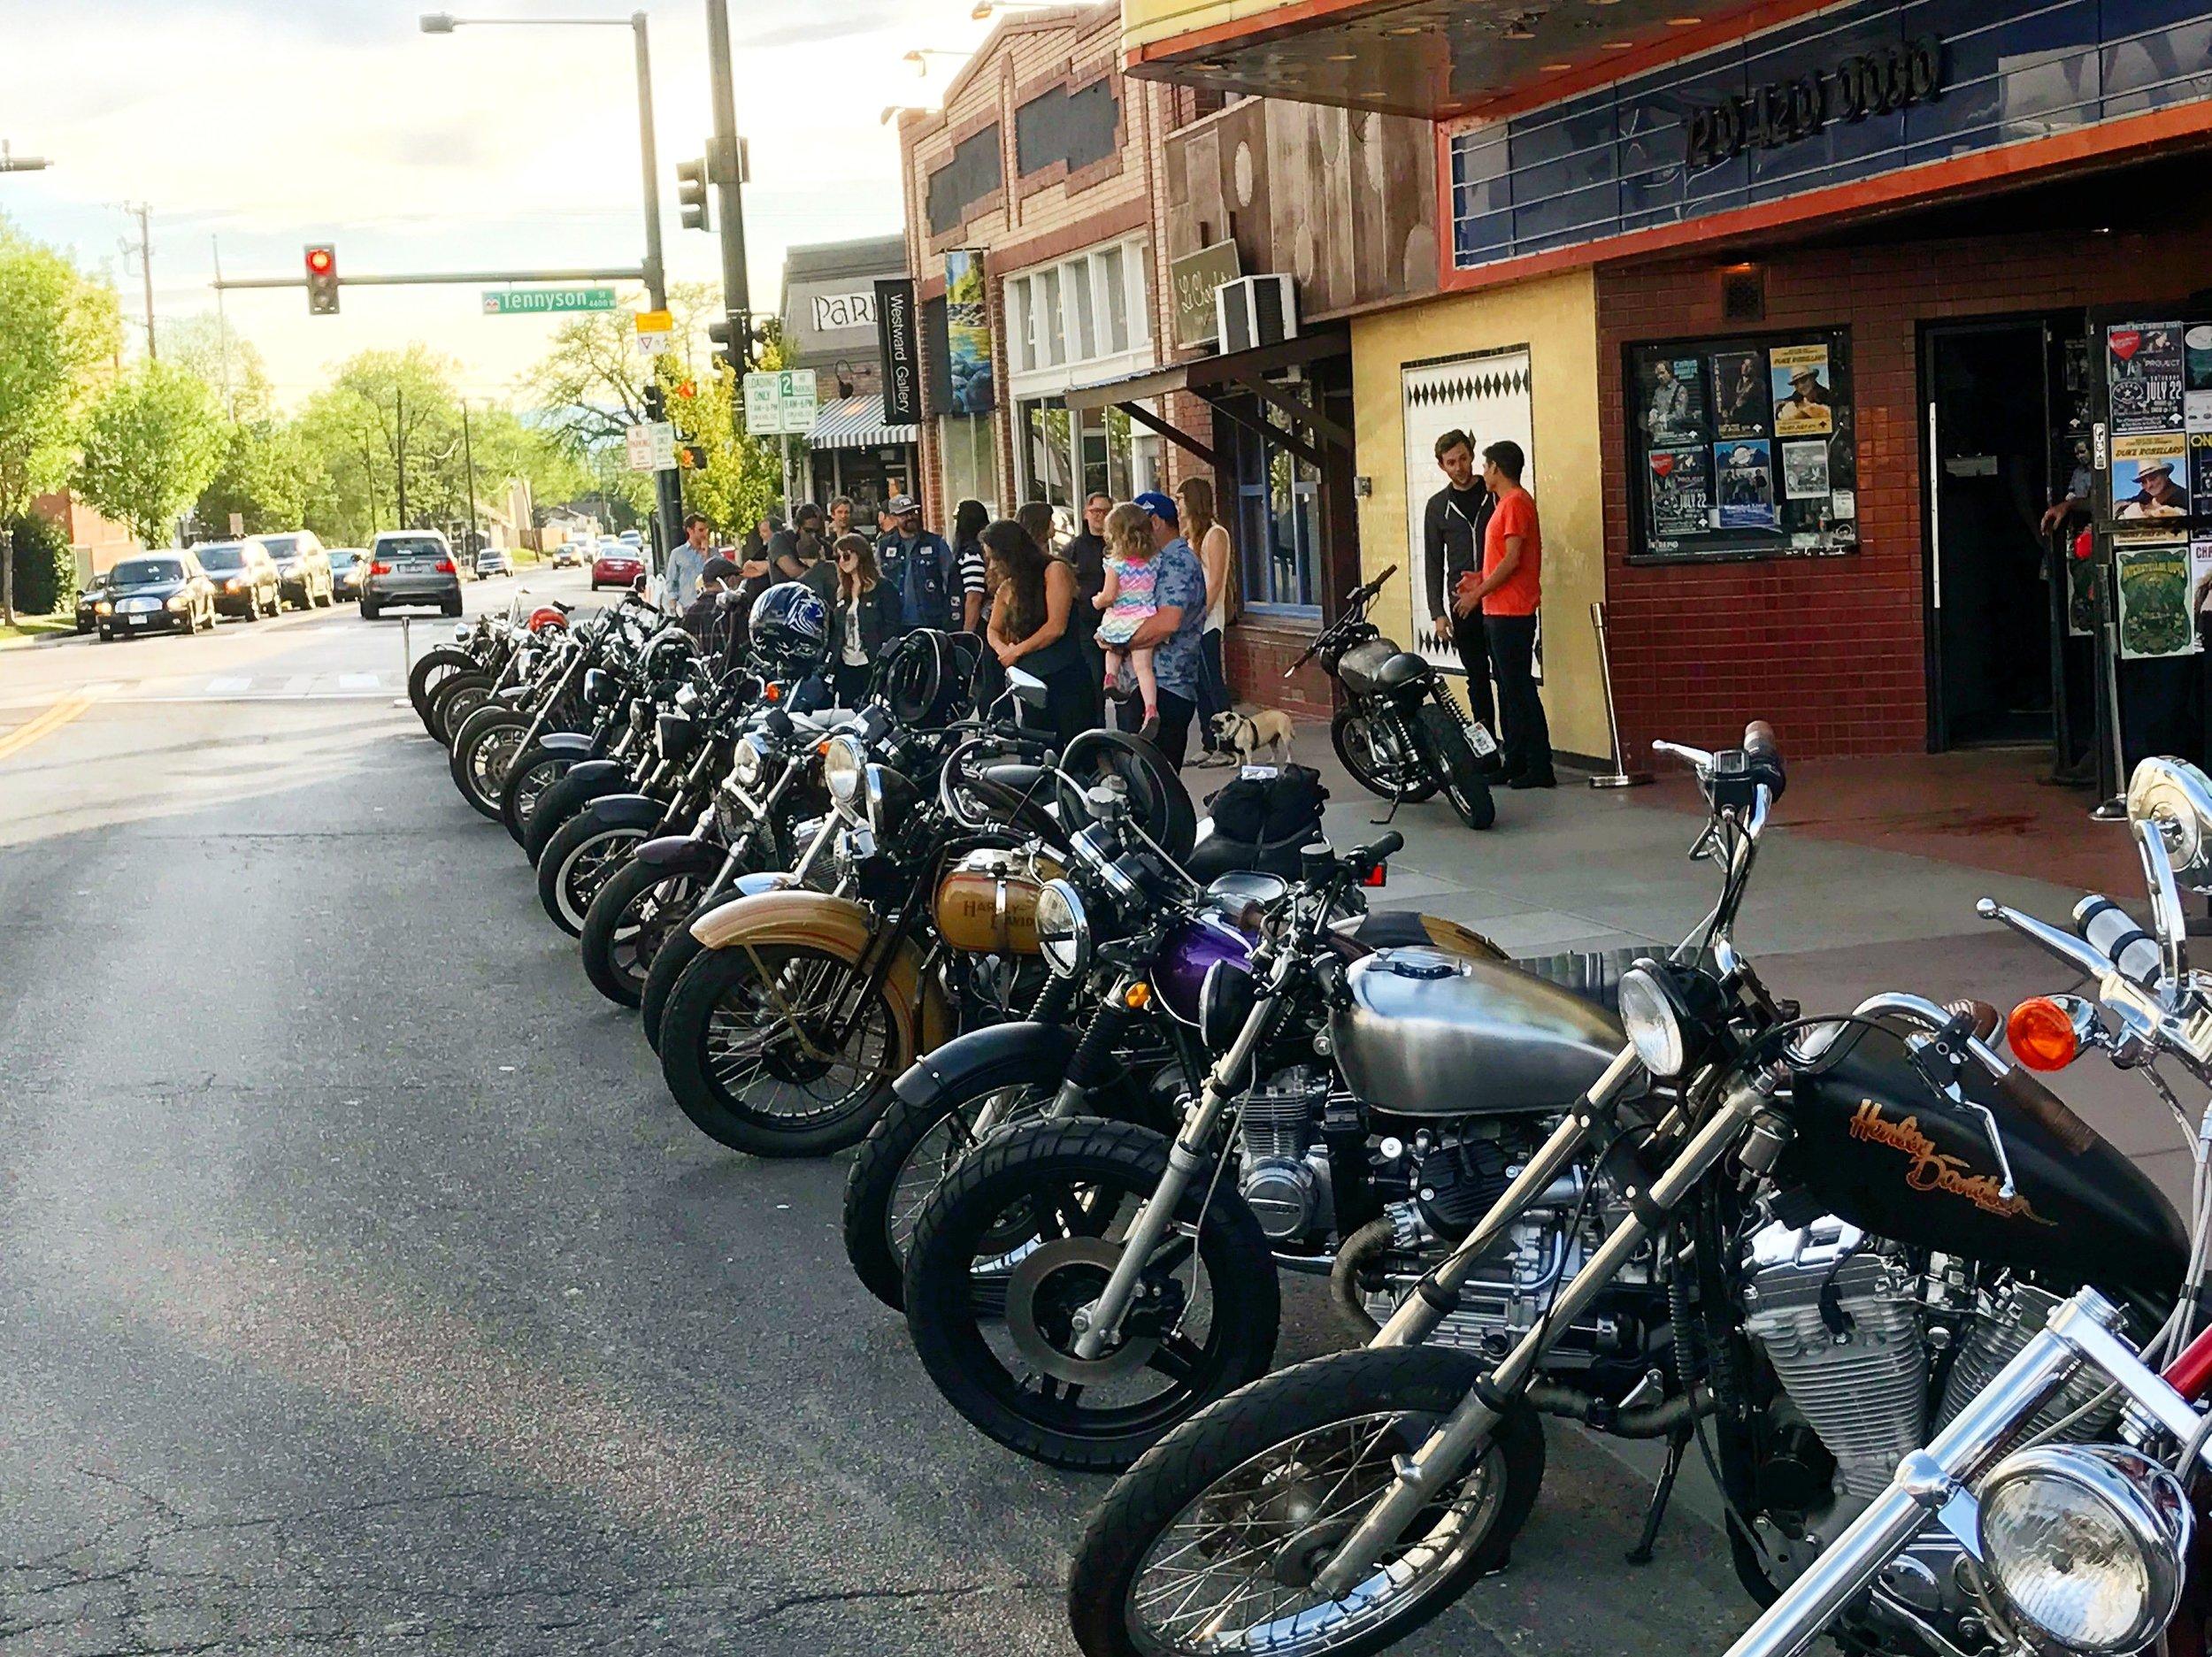 June 6, 2017 WellsMoto Summer Kick It Bike Night